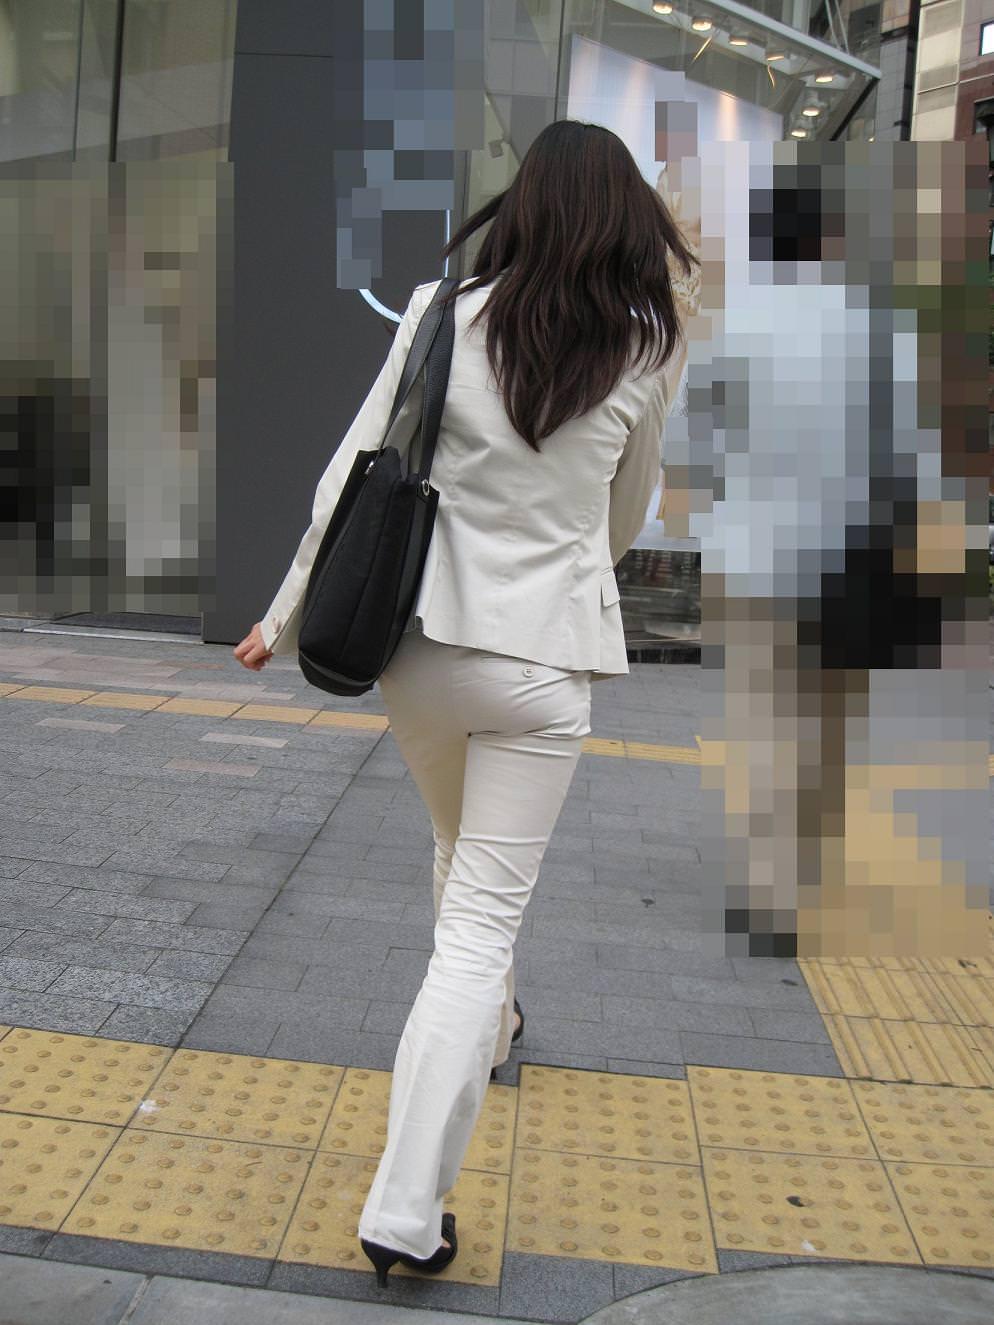 お尻のラインがくっきりハッキリしてる街撮り画像!!!!!!!! 2502